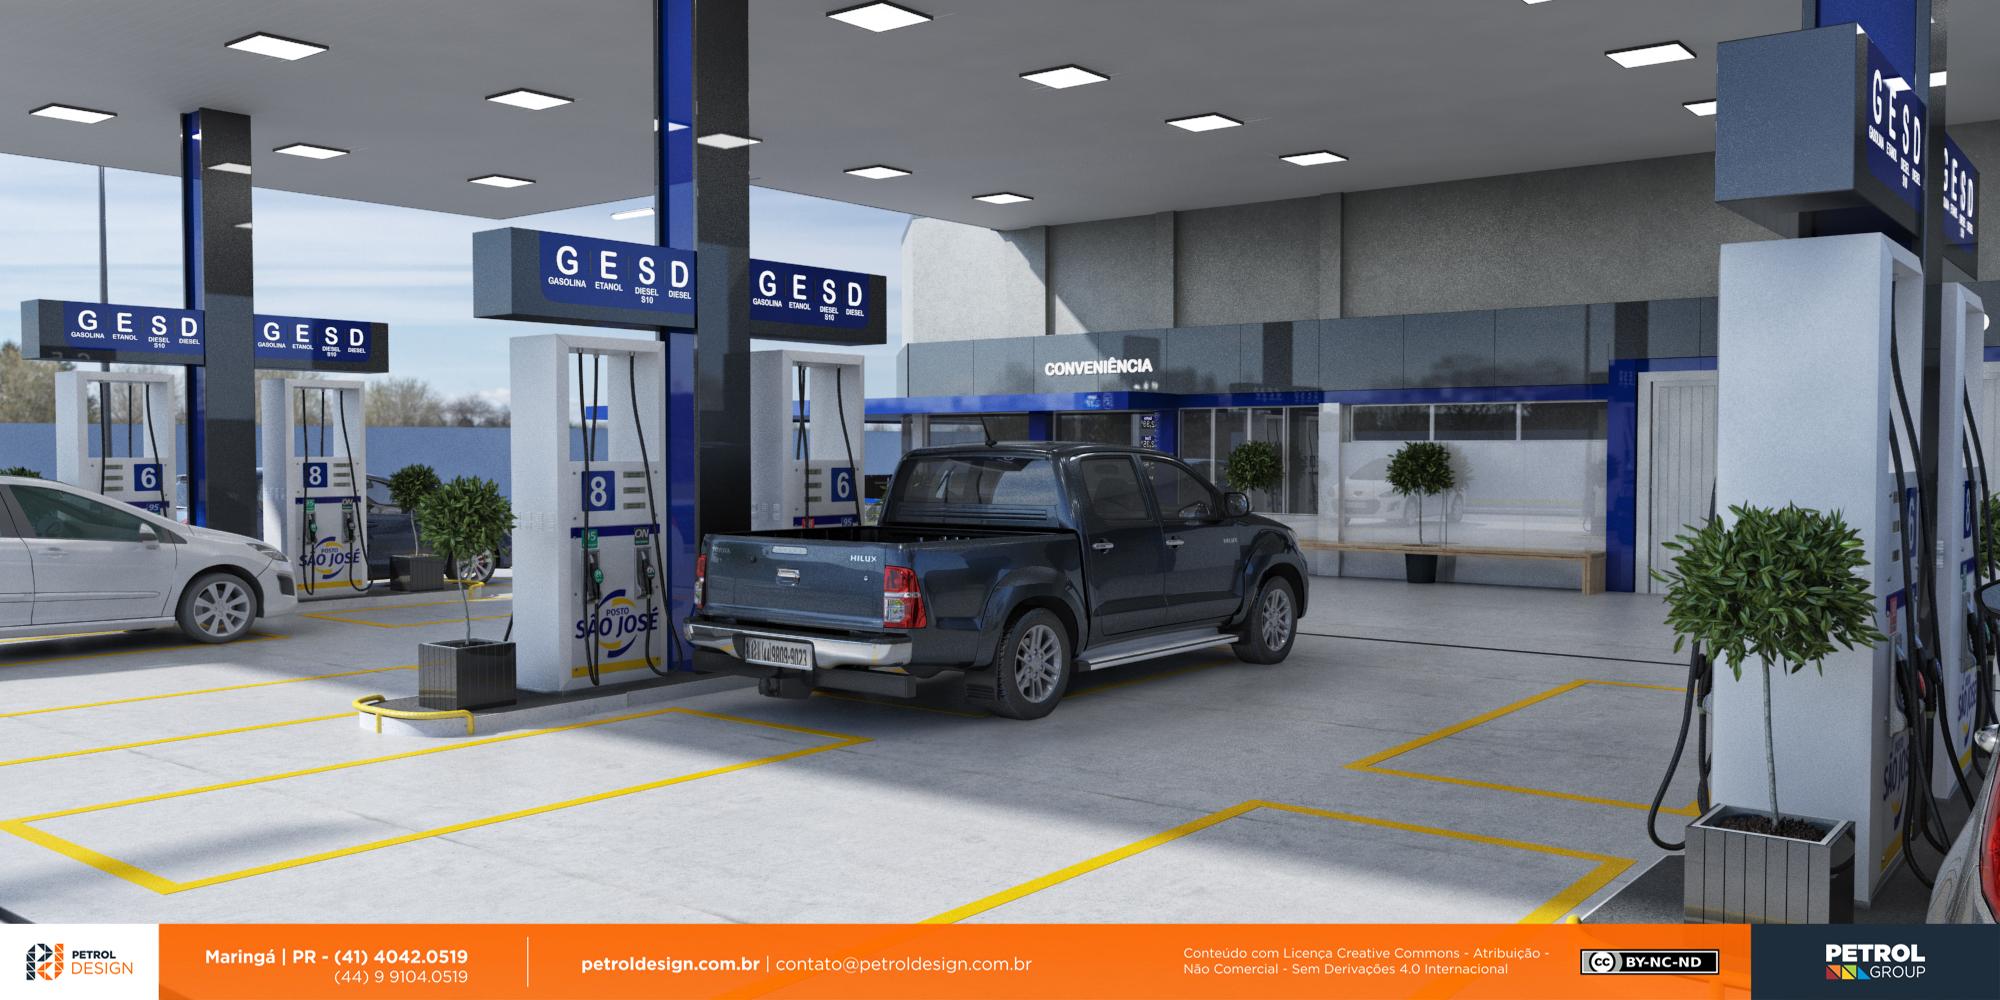 imagens de posto de gasolina Sao Pedro do Sul RS